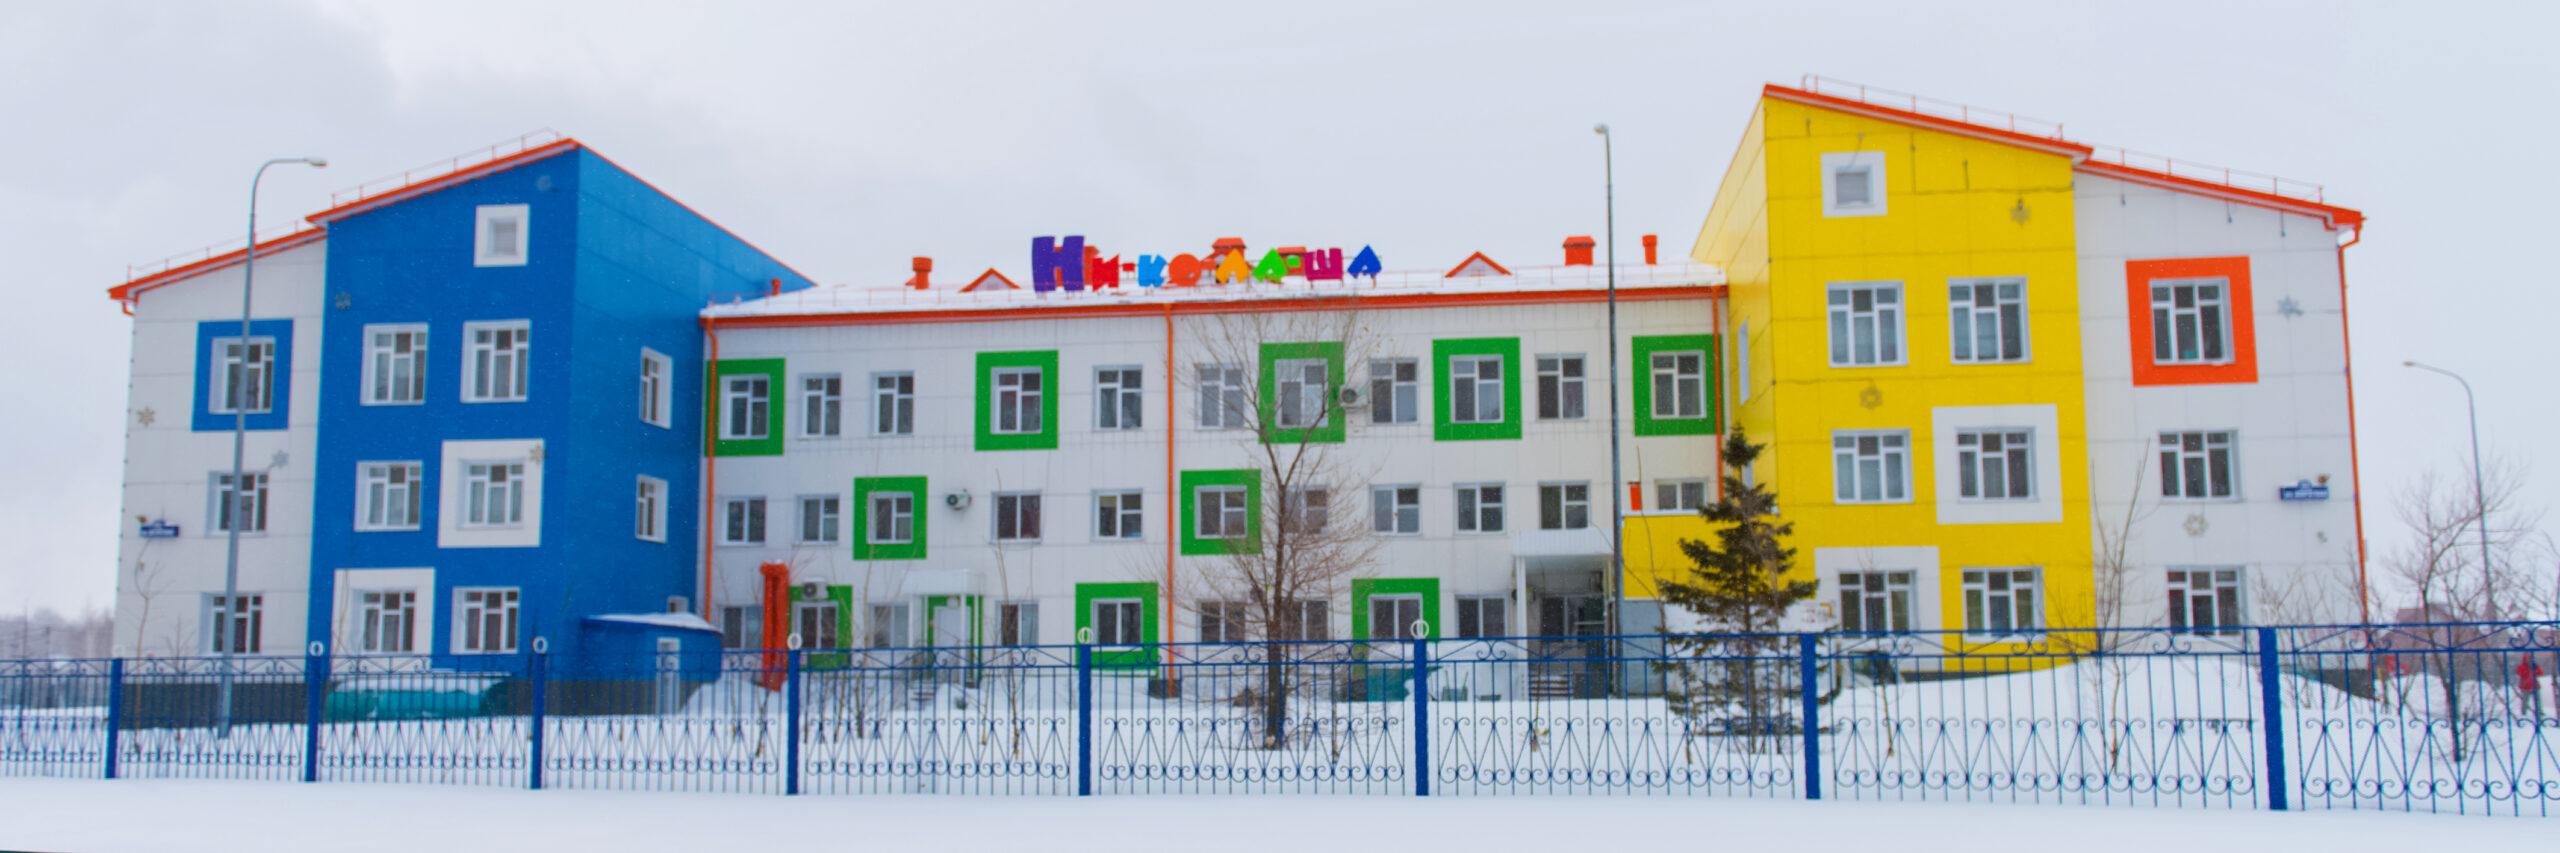 МАДОУ д/с №185 города Тюмени